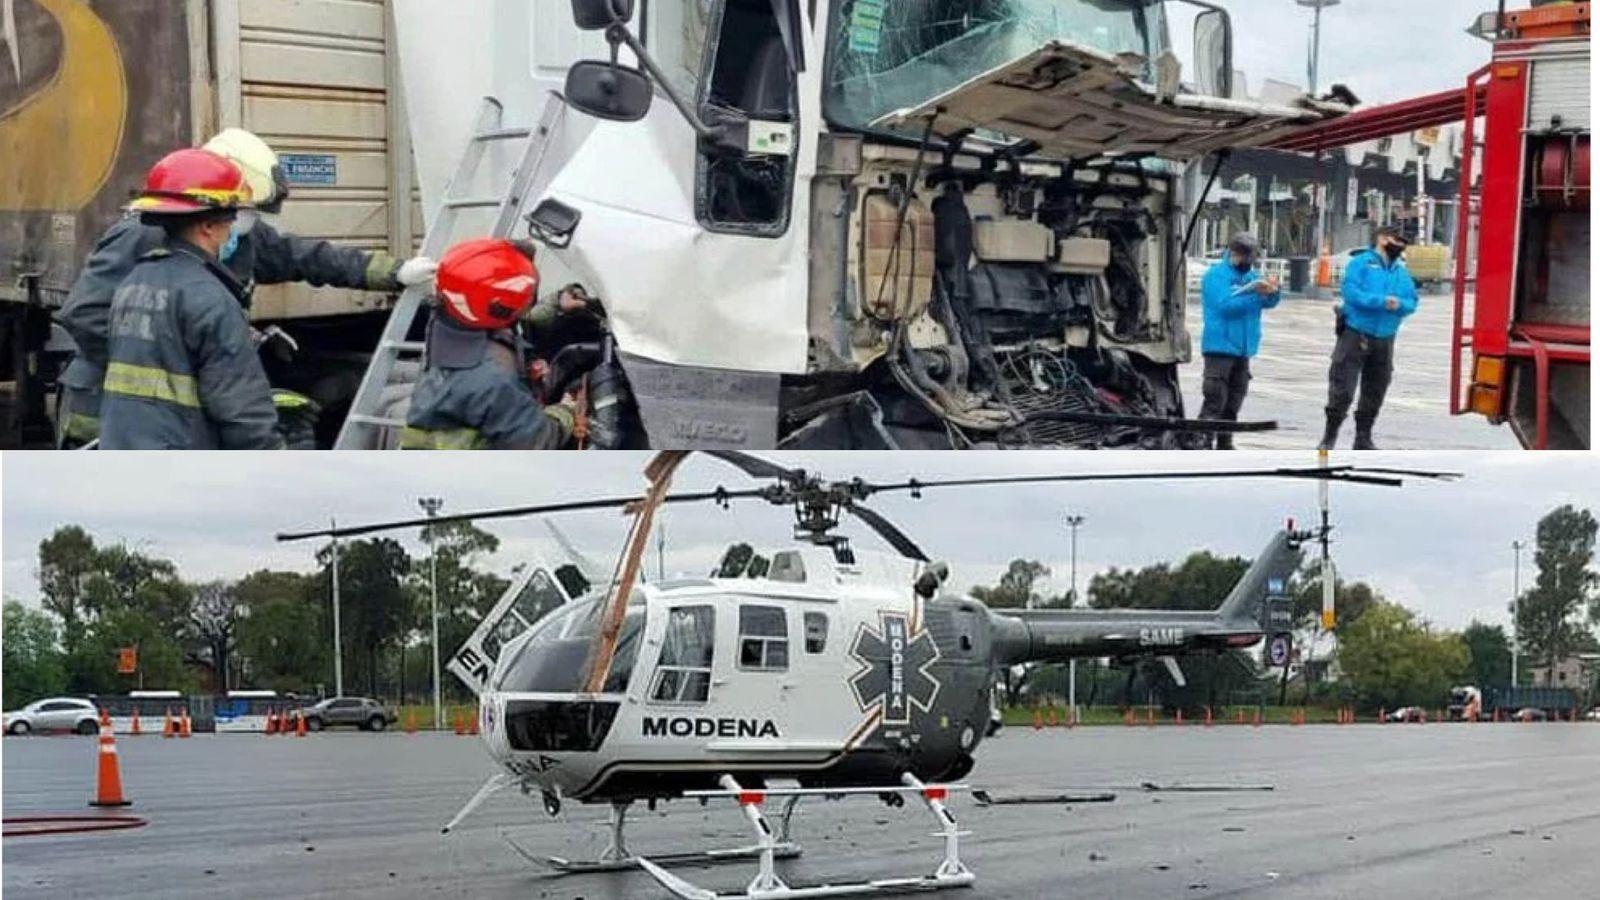 insolito: un camion choco contra un helicoptero en plena autopista